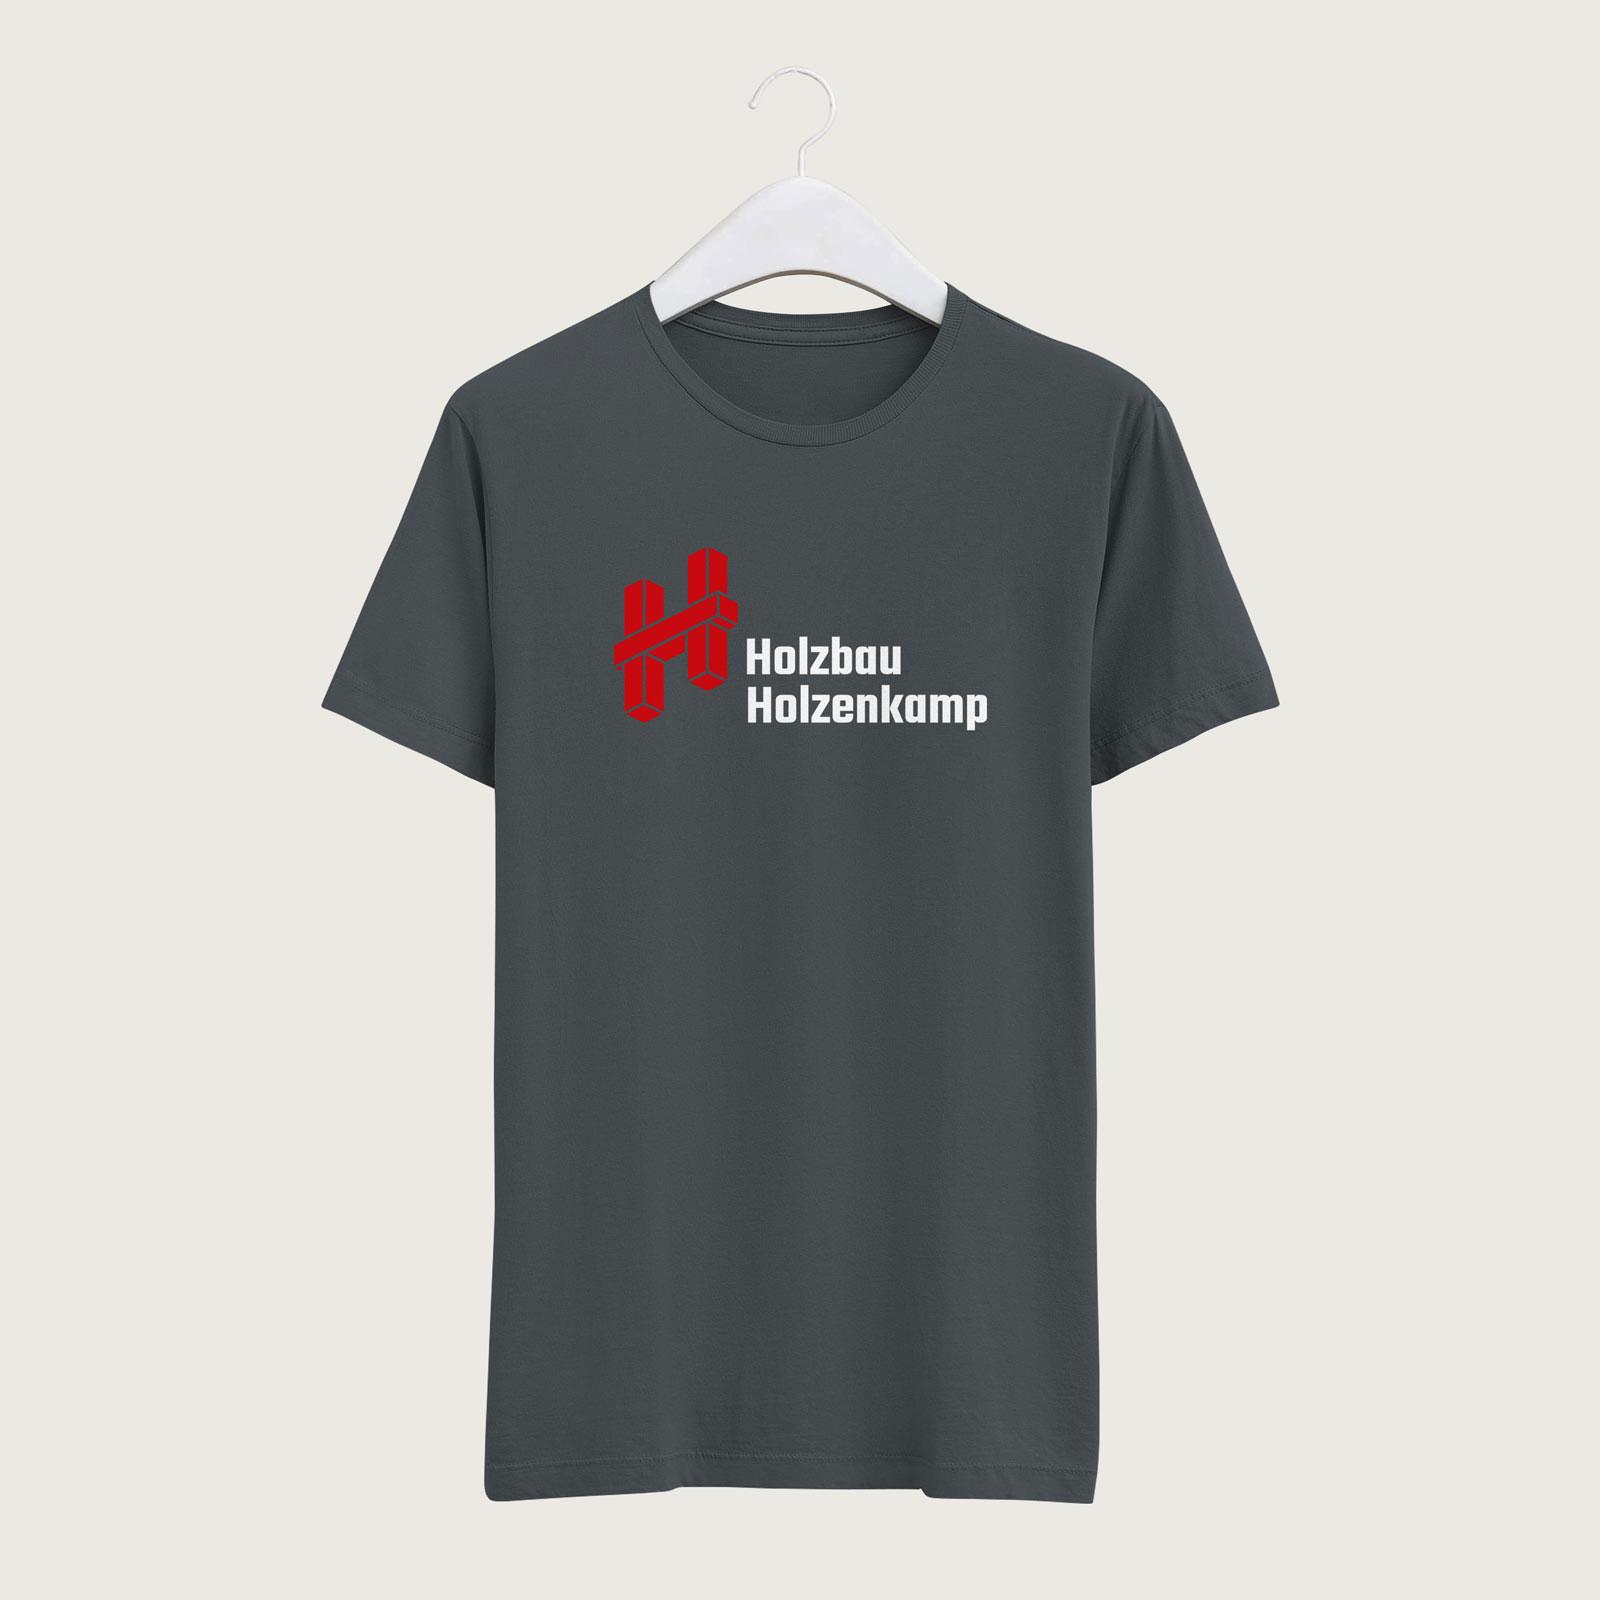 T-Shirt mit Logo von Holzbau Holzenkamp